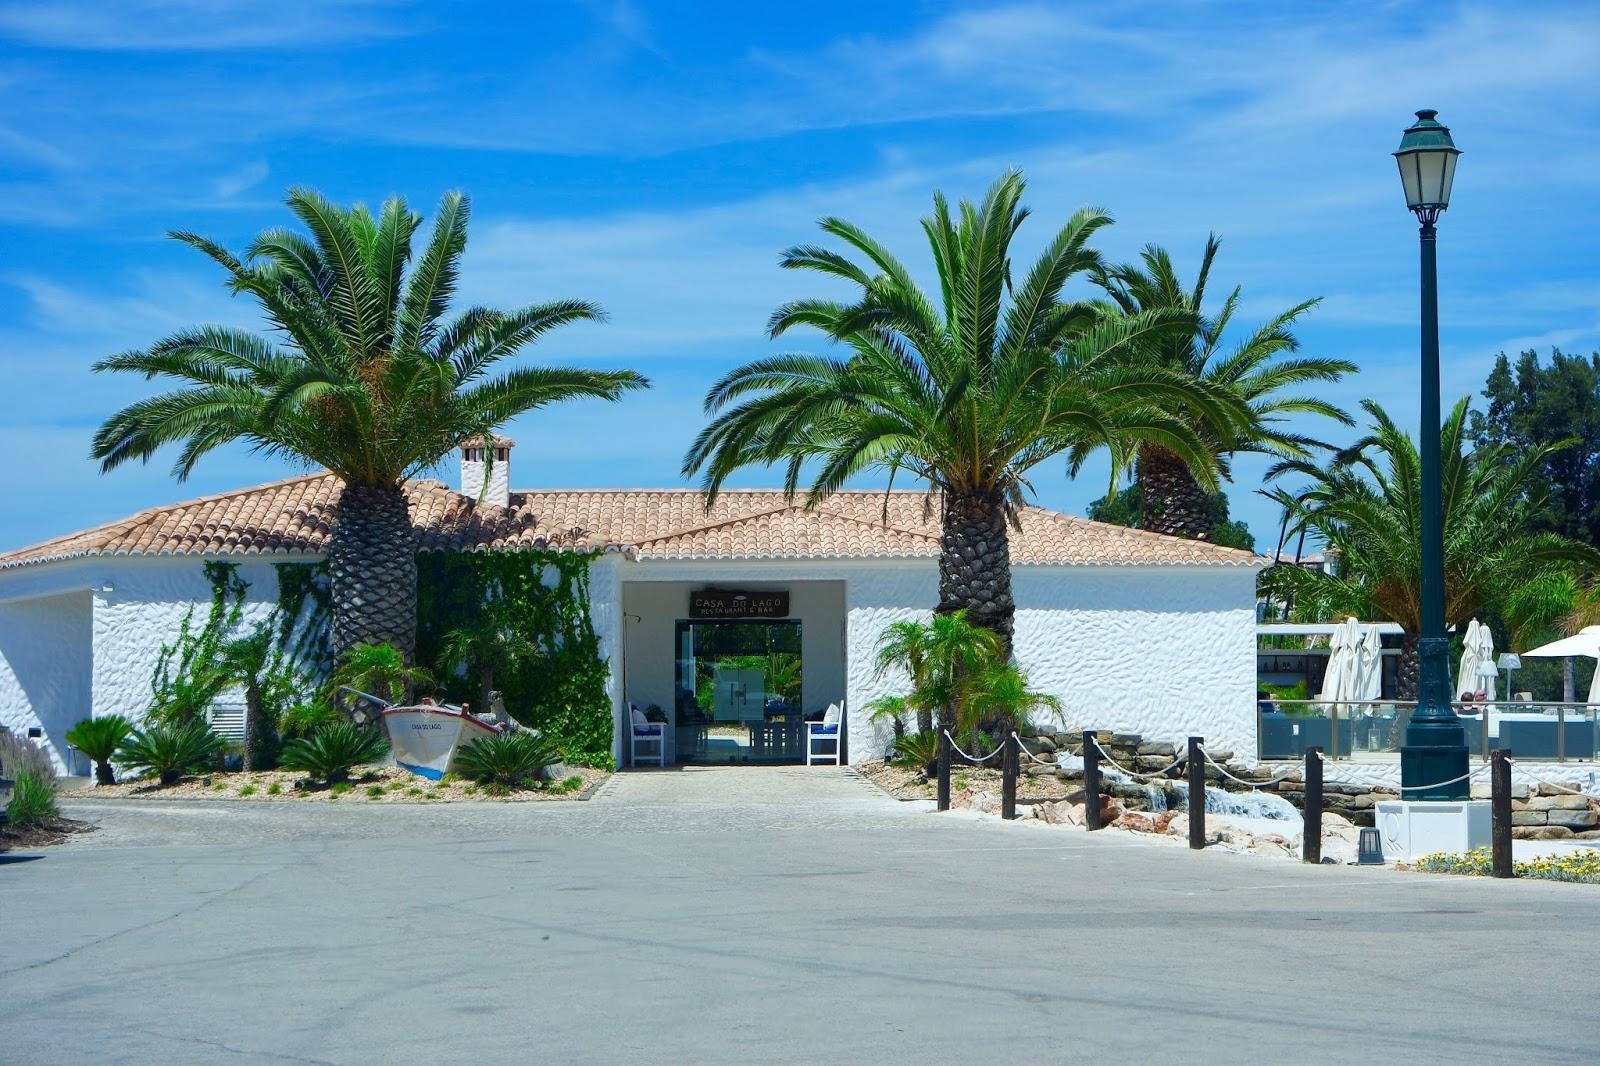 Vale do Lobo Qunita do Lago beach casa do lago Algarve Portugal